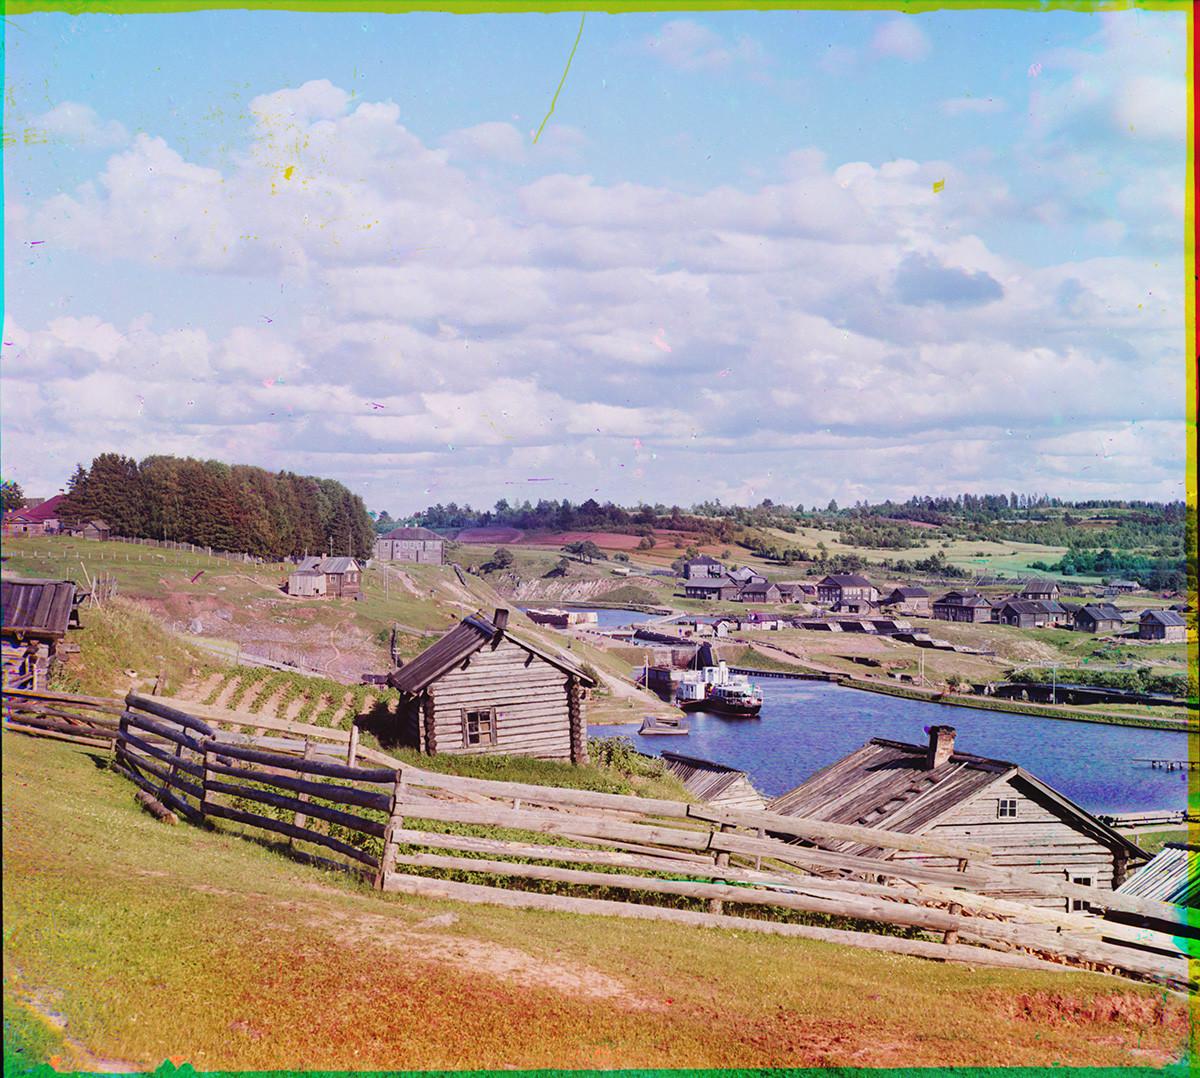 Devjatini. Služba za prevoz vrtov in lop (ni ohranjena). Pogled proti reki Vitegra in jezu sv. Pavla. (Ta del kanala je bil v sovjetskem obdobju preusmerjen in preimenovan.) Poletje 1909